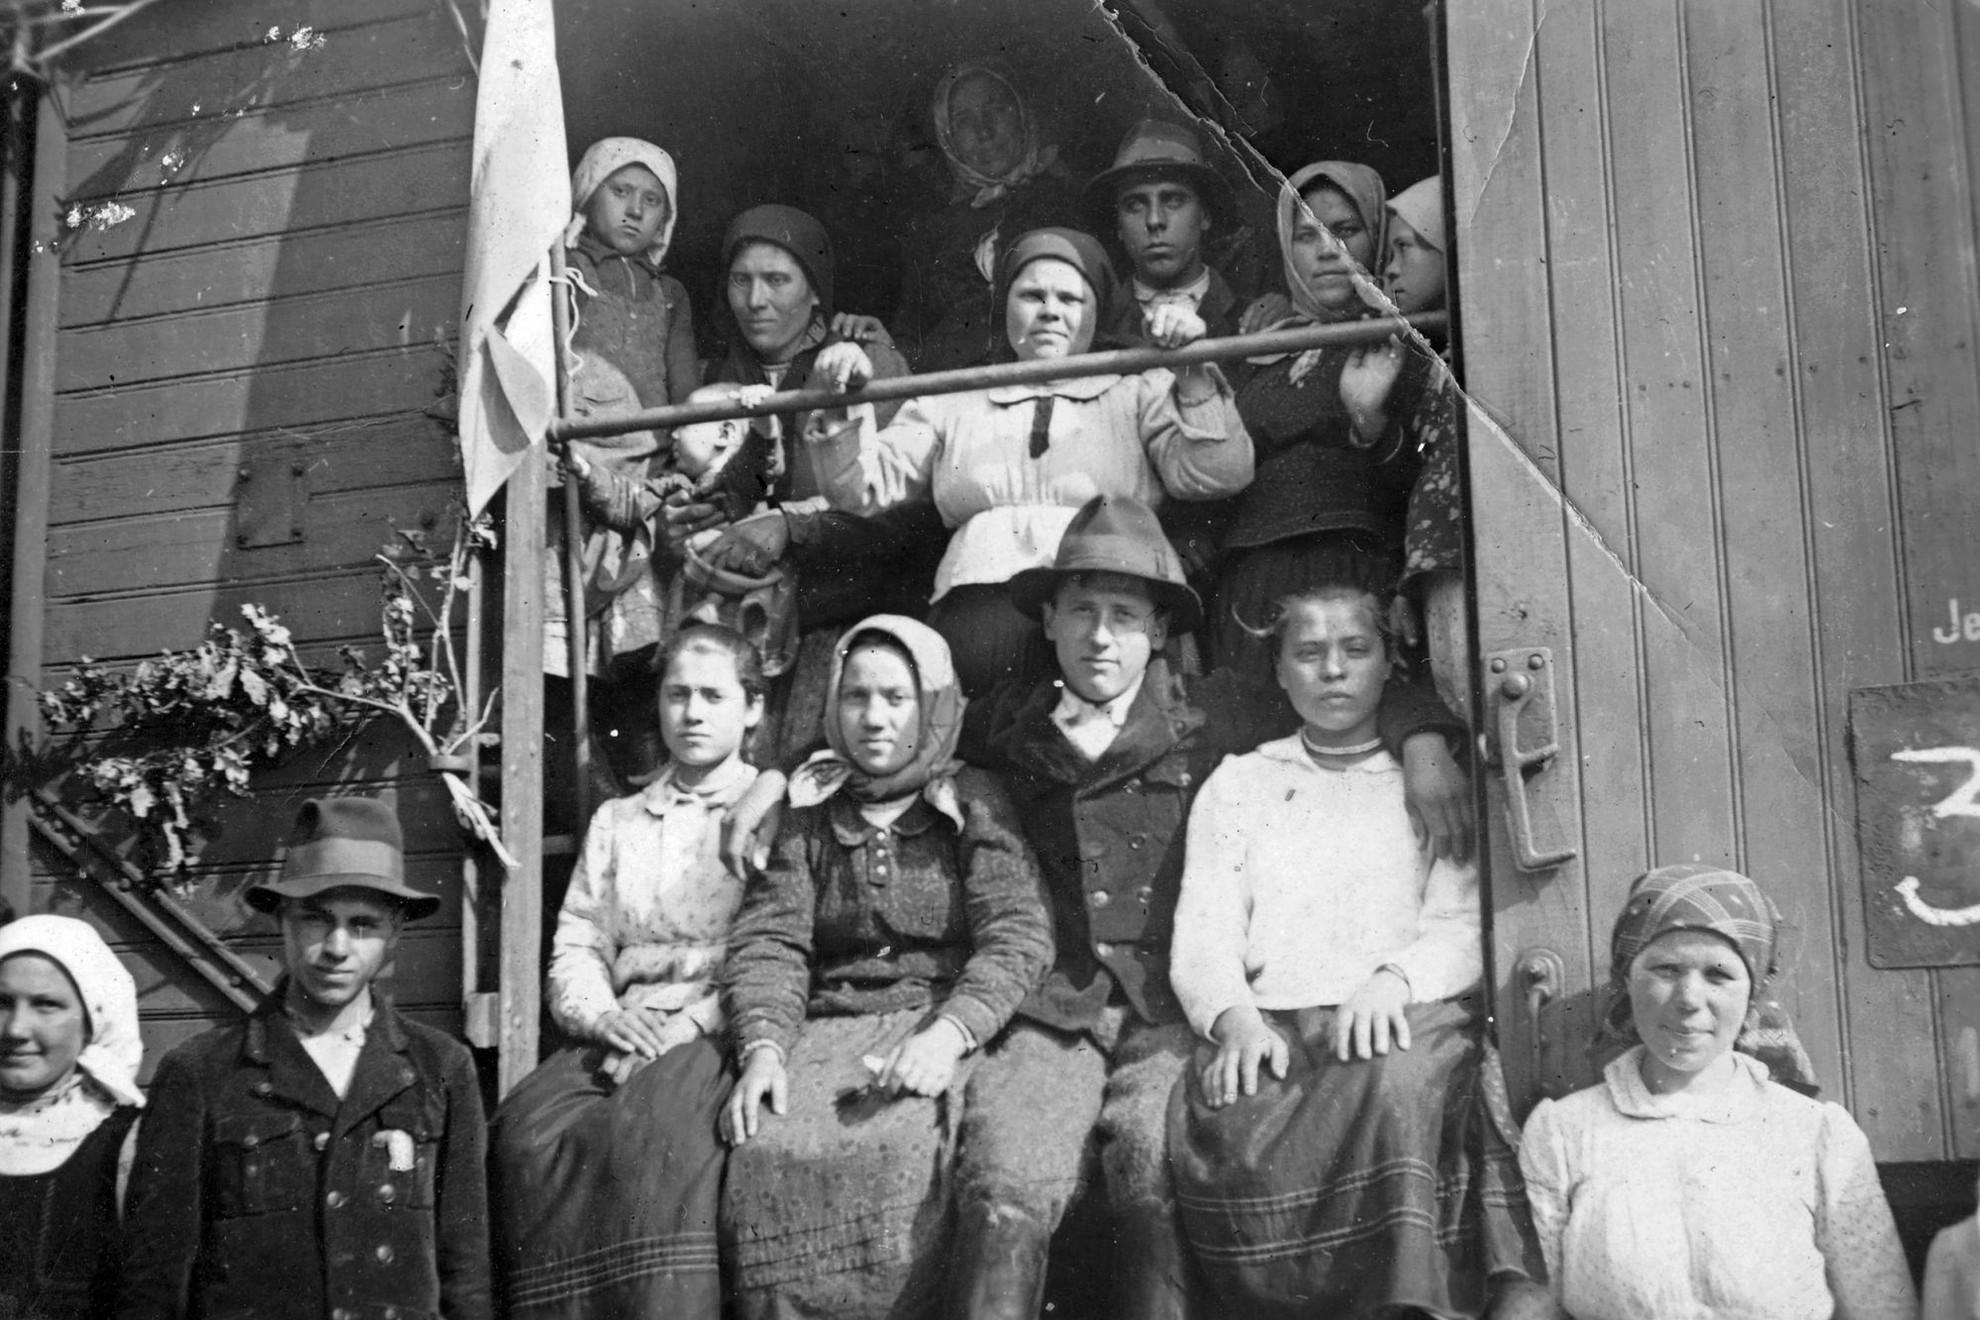 Vagonokba összezsúfolt, kitelepített magyar családok, útban az anyaország felé 1947-ben